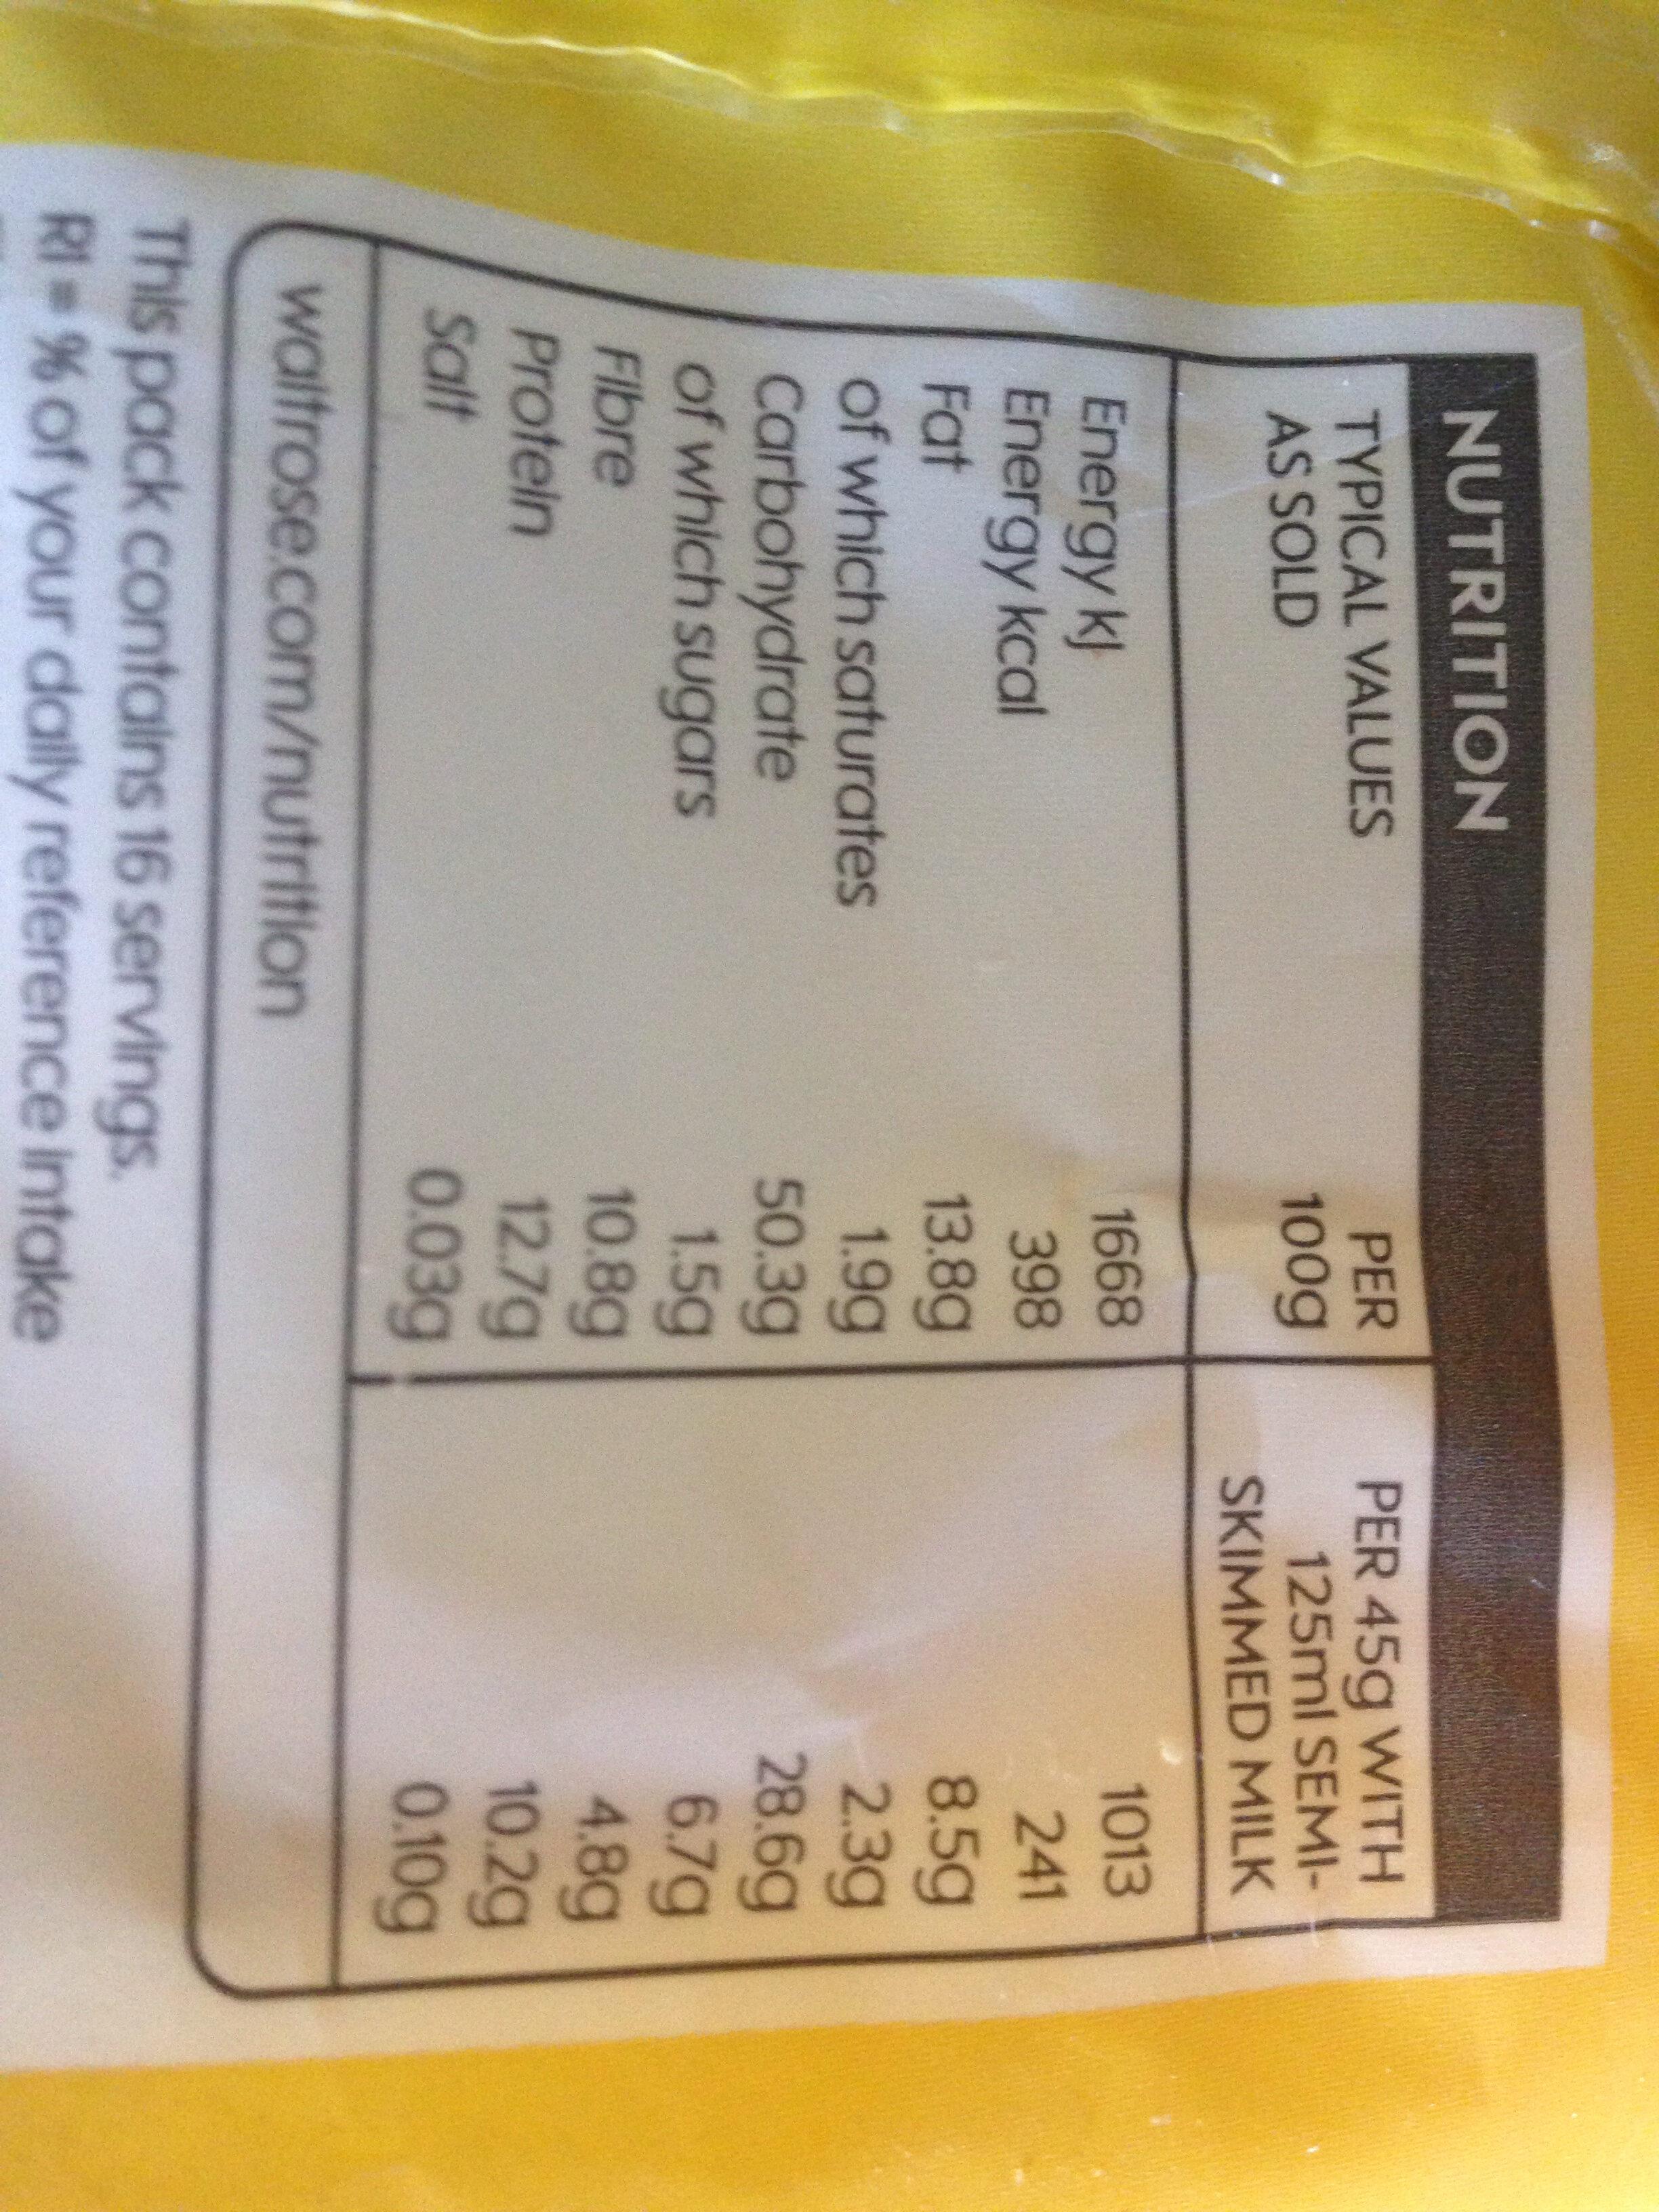 Waitrose Muesli Base - Nutrition facts